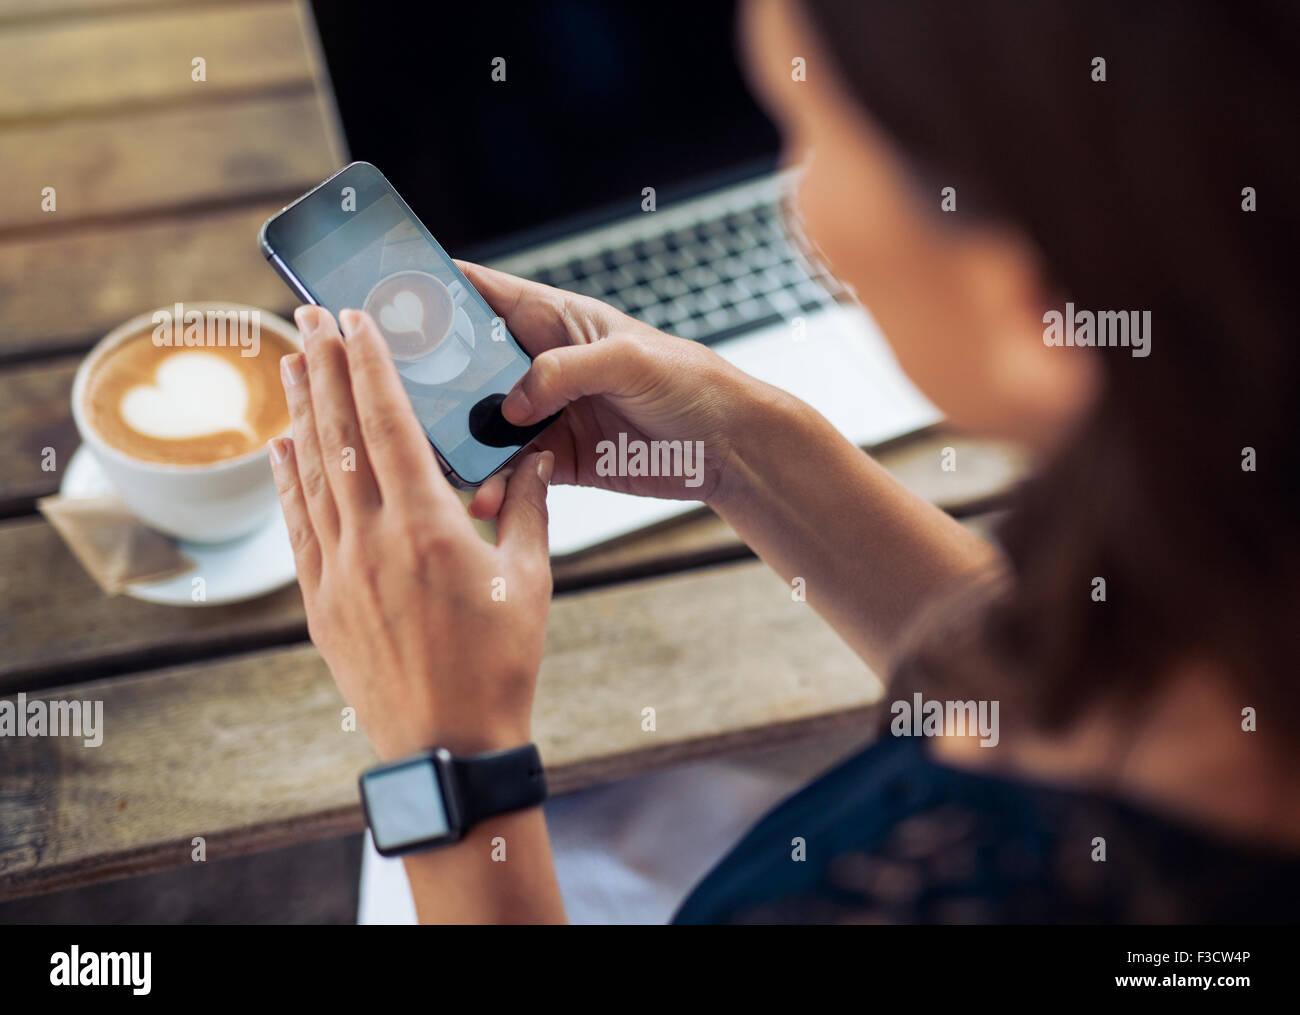 Nahaufnahme Bild von Frau sitzen in einem Café einen Kaffee Tasse mit ihrem Handy zu fotografieren. Stockbild